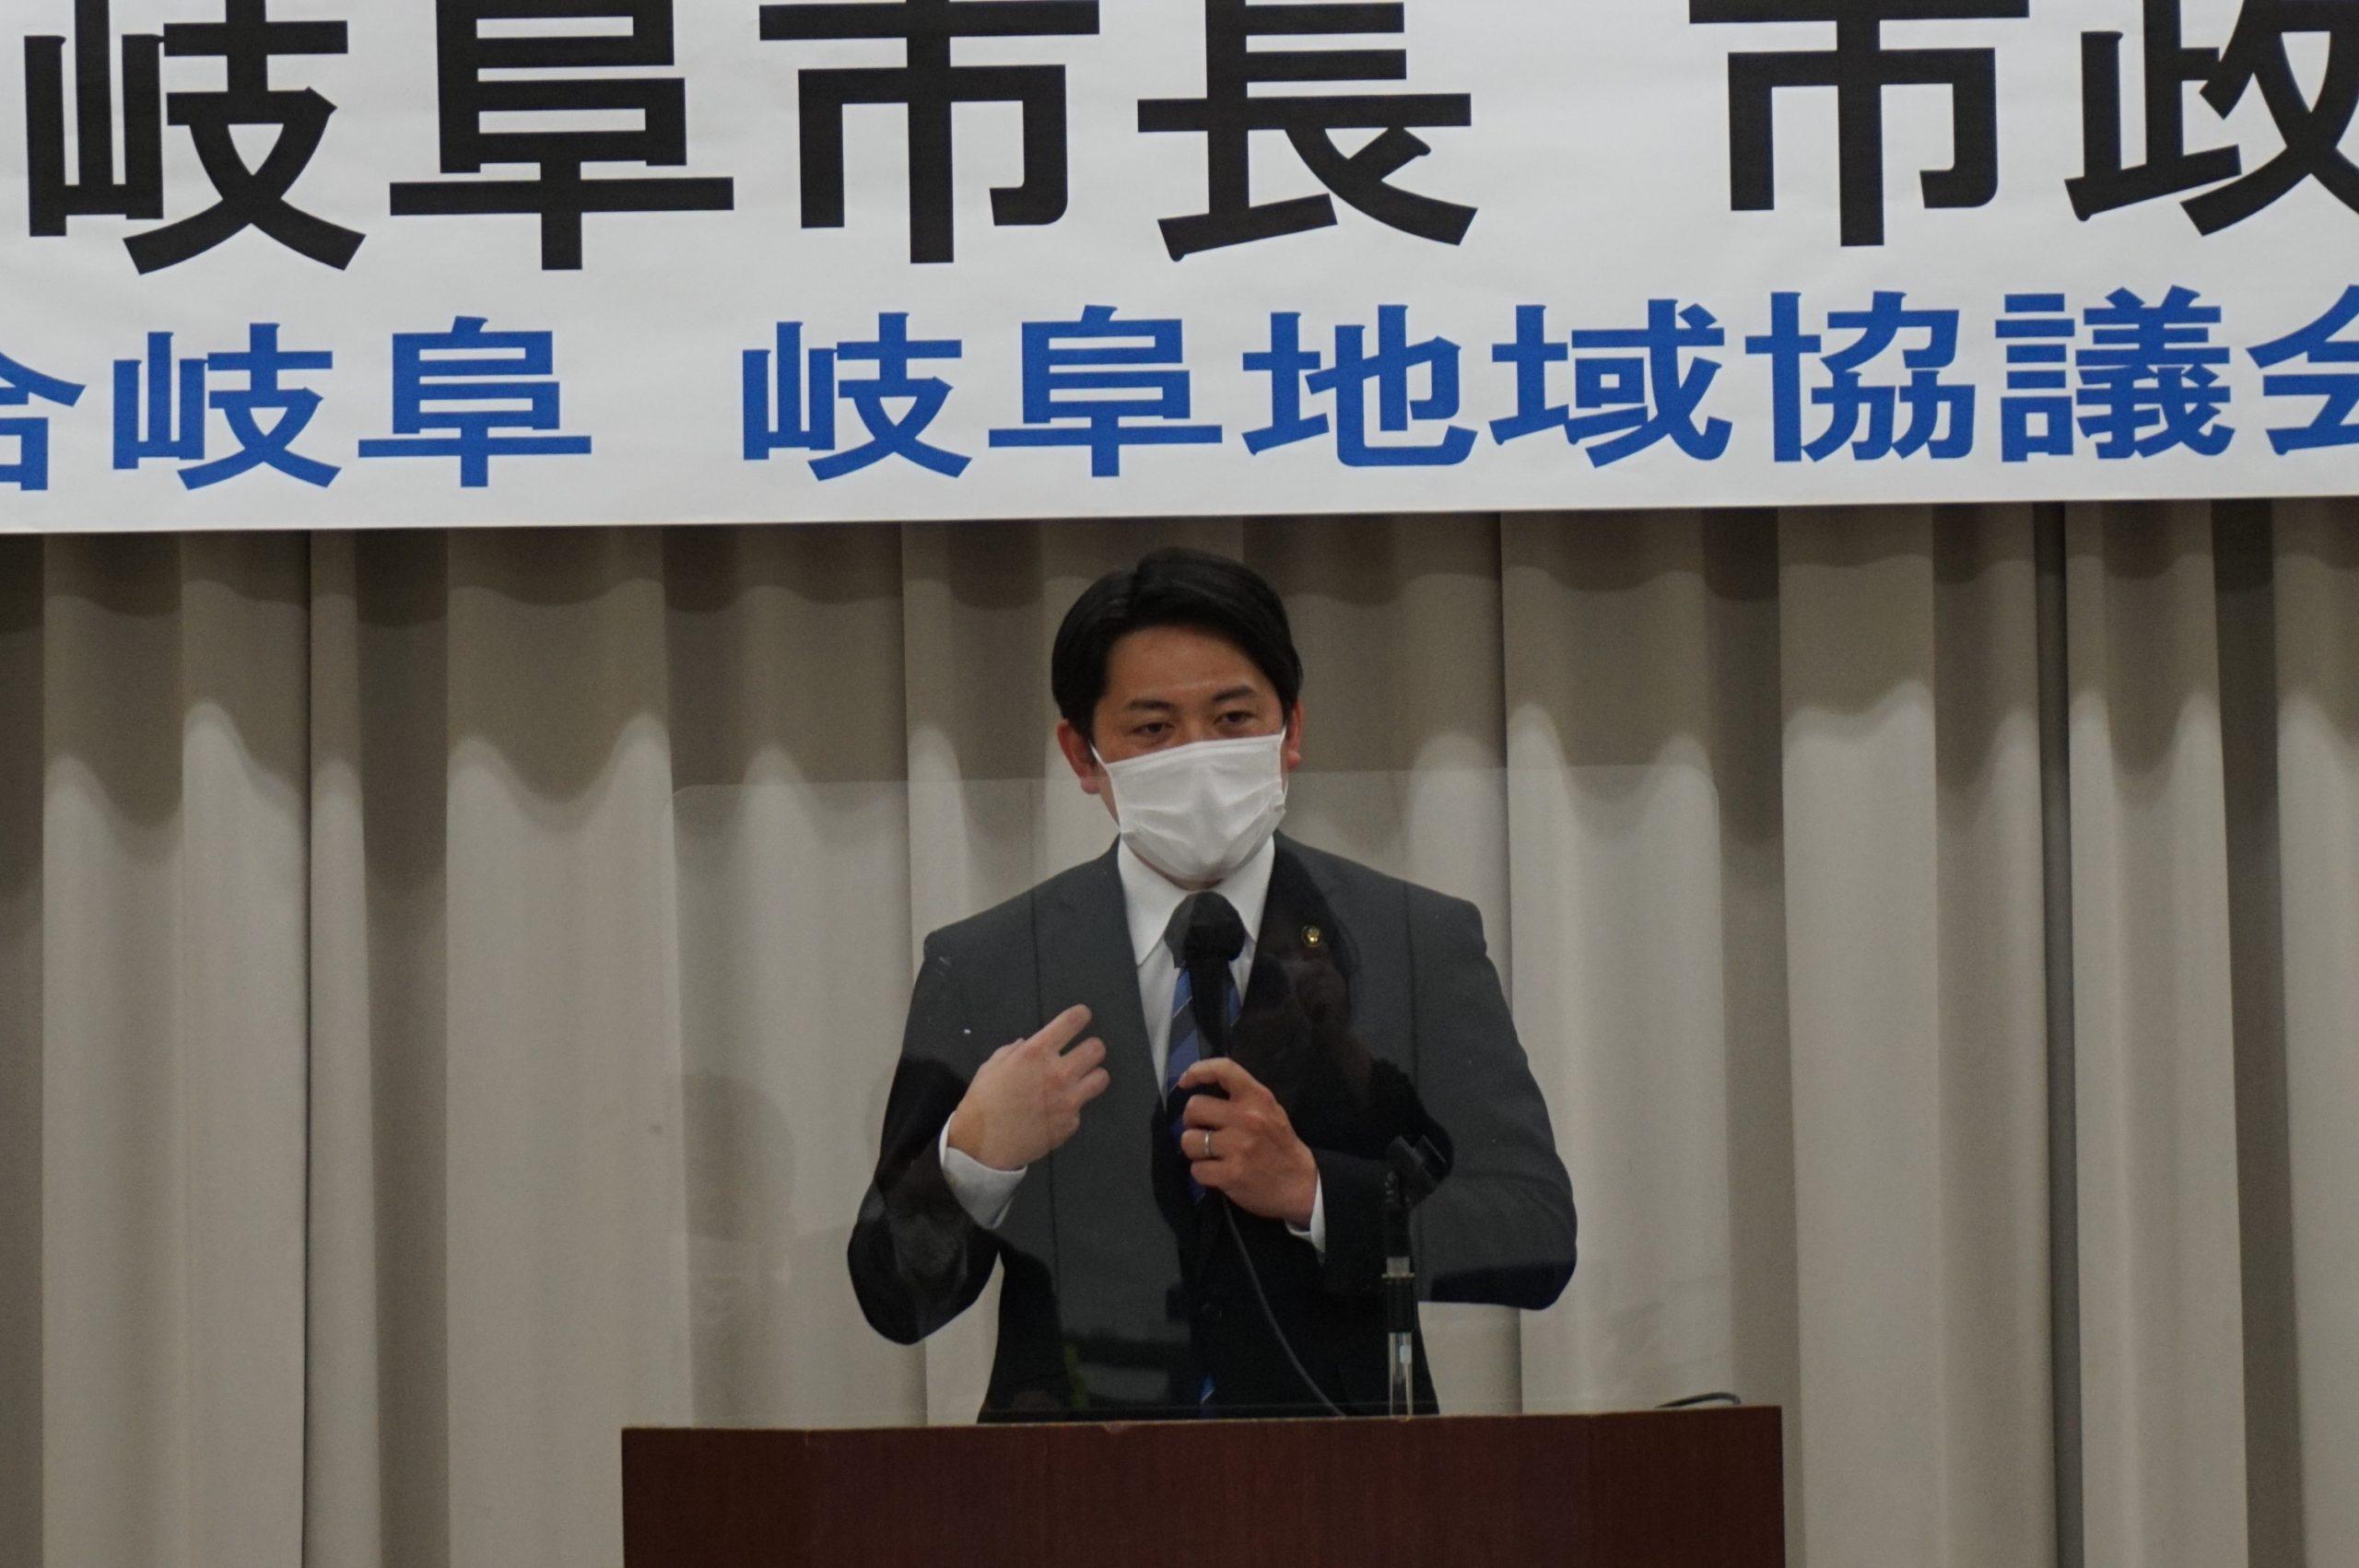 岐阜市政報告会を開催